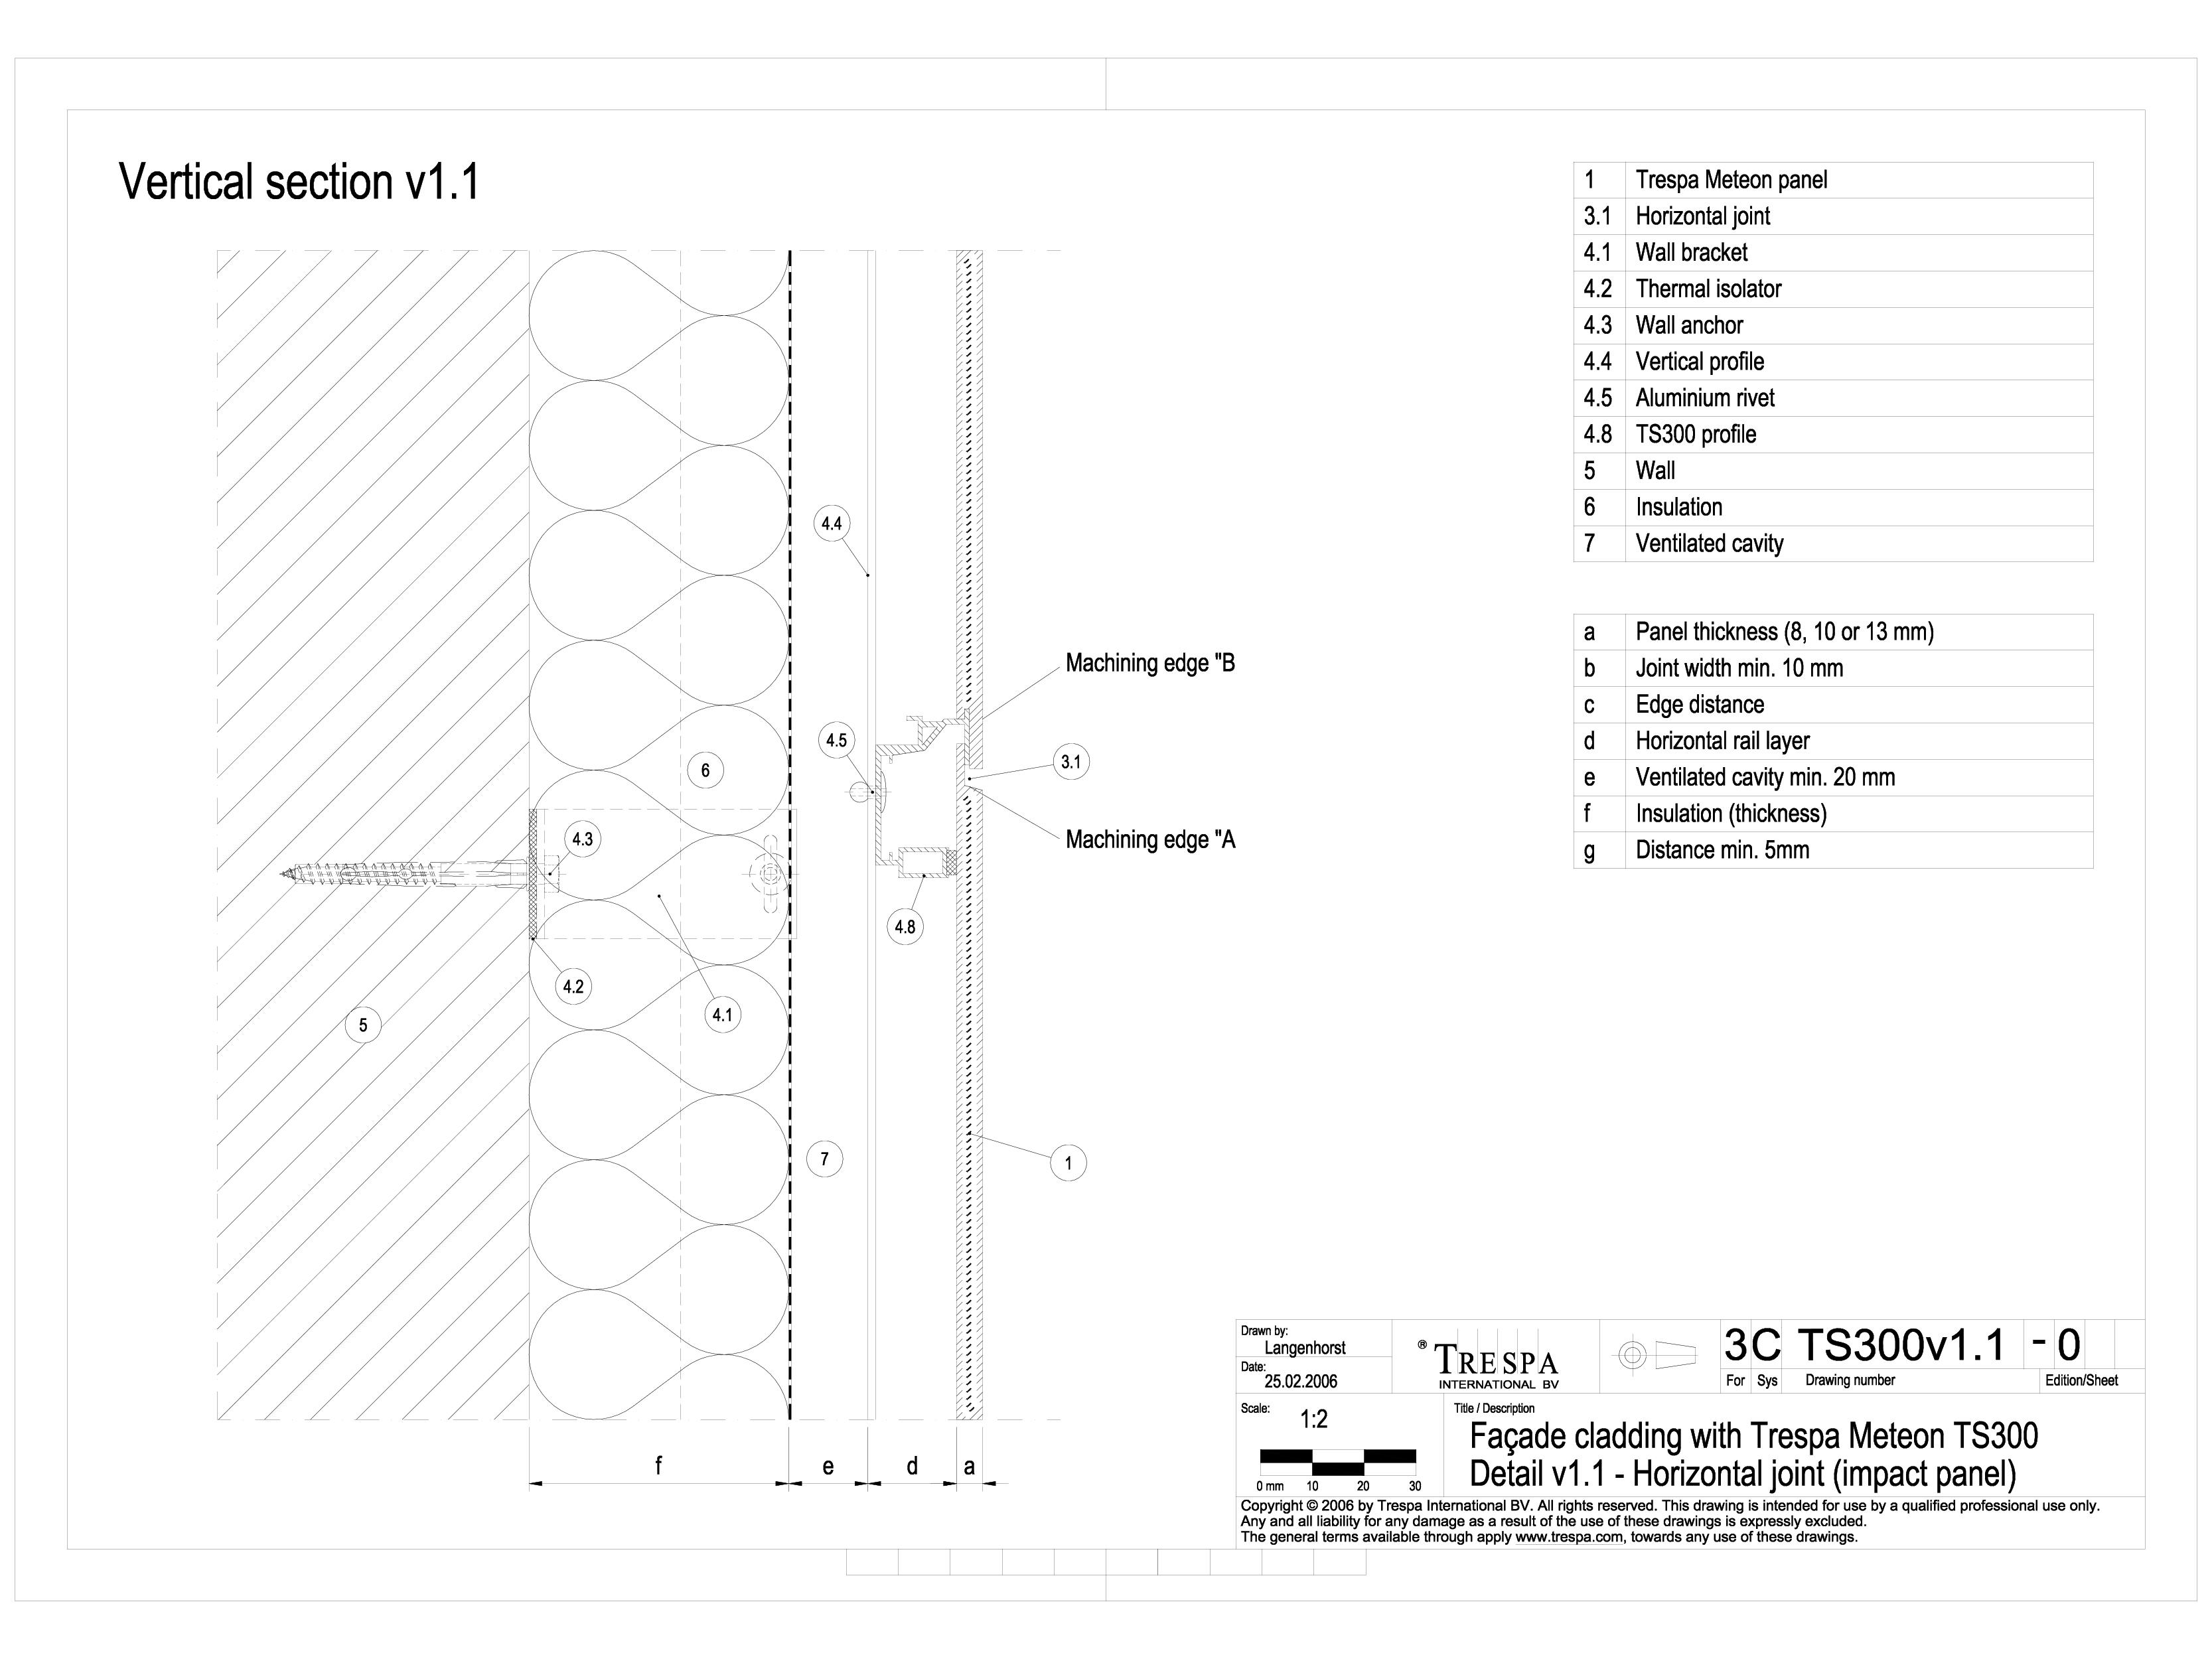 Sisteme de prindere fatade ventilate cu profile oarbe, detaliu de imbinare pe orizontala cu panou intermediar METEON TRESPA Placi HPL pentru fatade ventilate GIBB TECHNOLOGIES  - Pagina 1